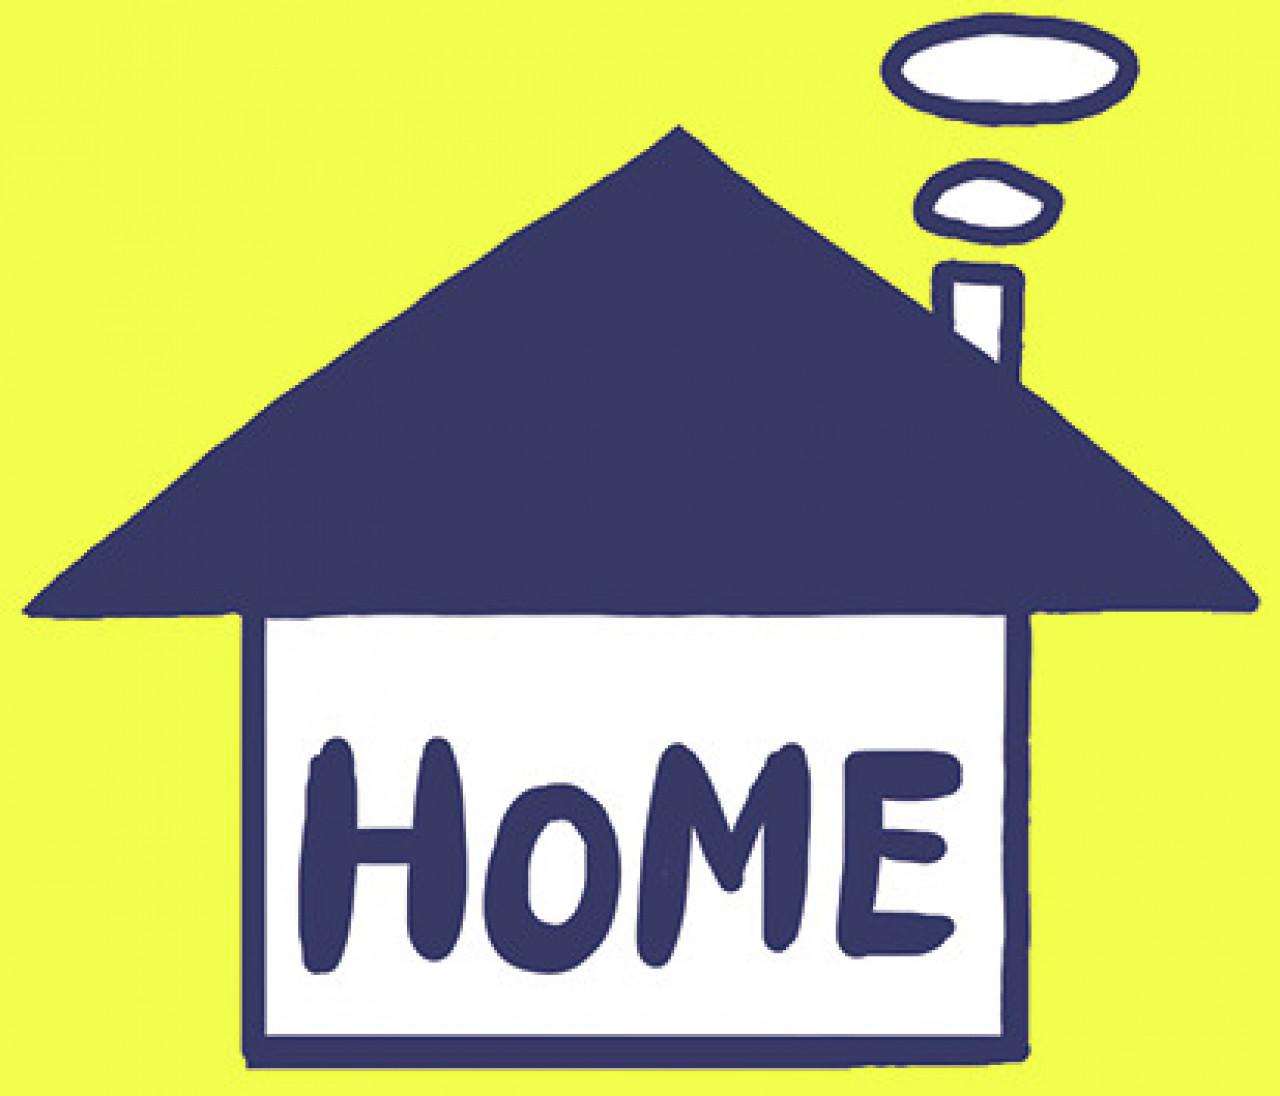 【花粉&乾燥&マスクの肌荒れ対策】在宅の日こそ使うべきコスメ5選!ブルーライトカット対策もばっちり